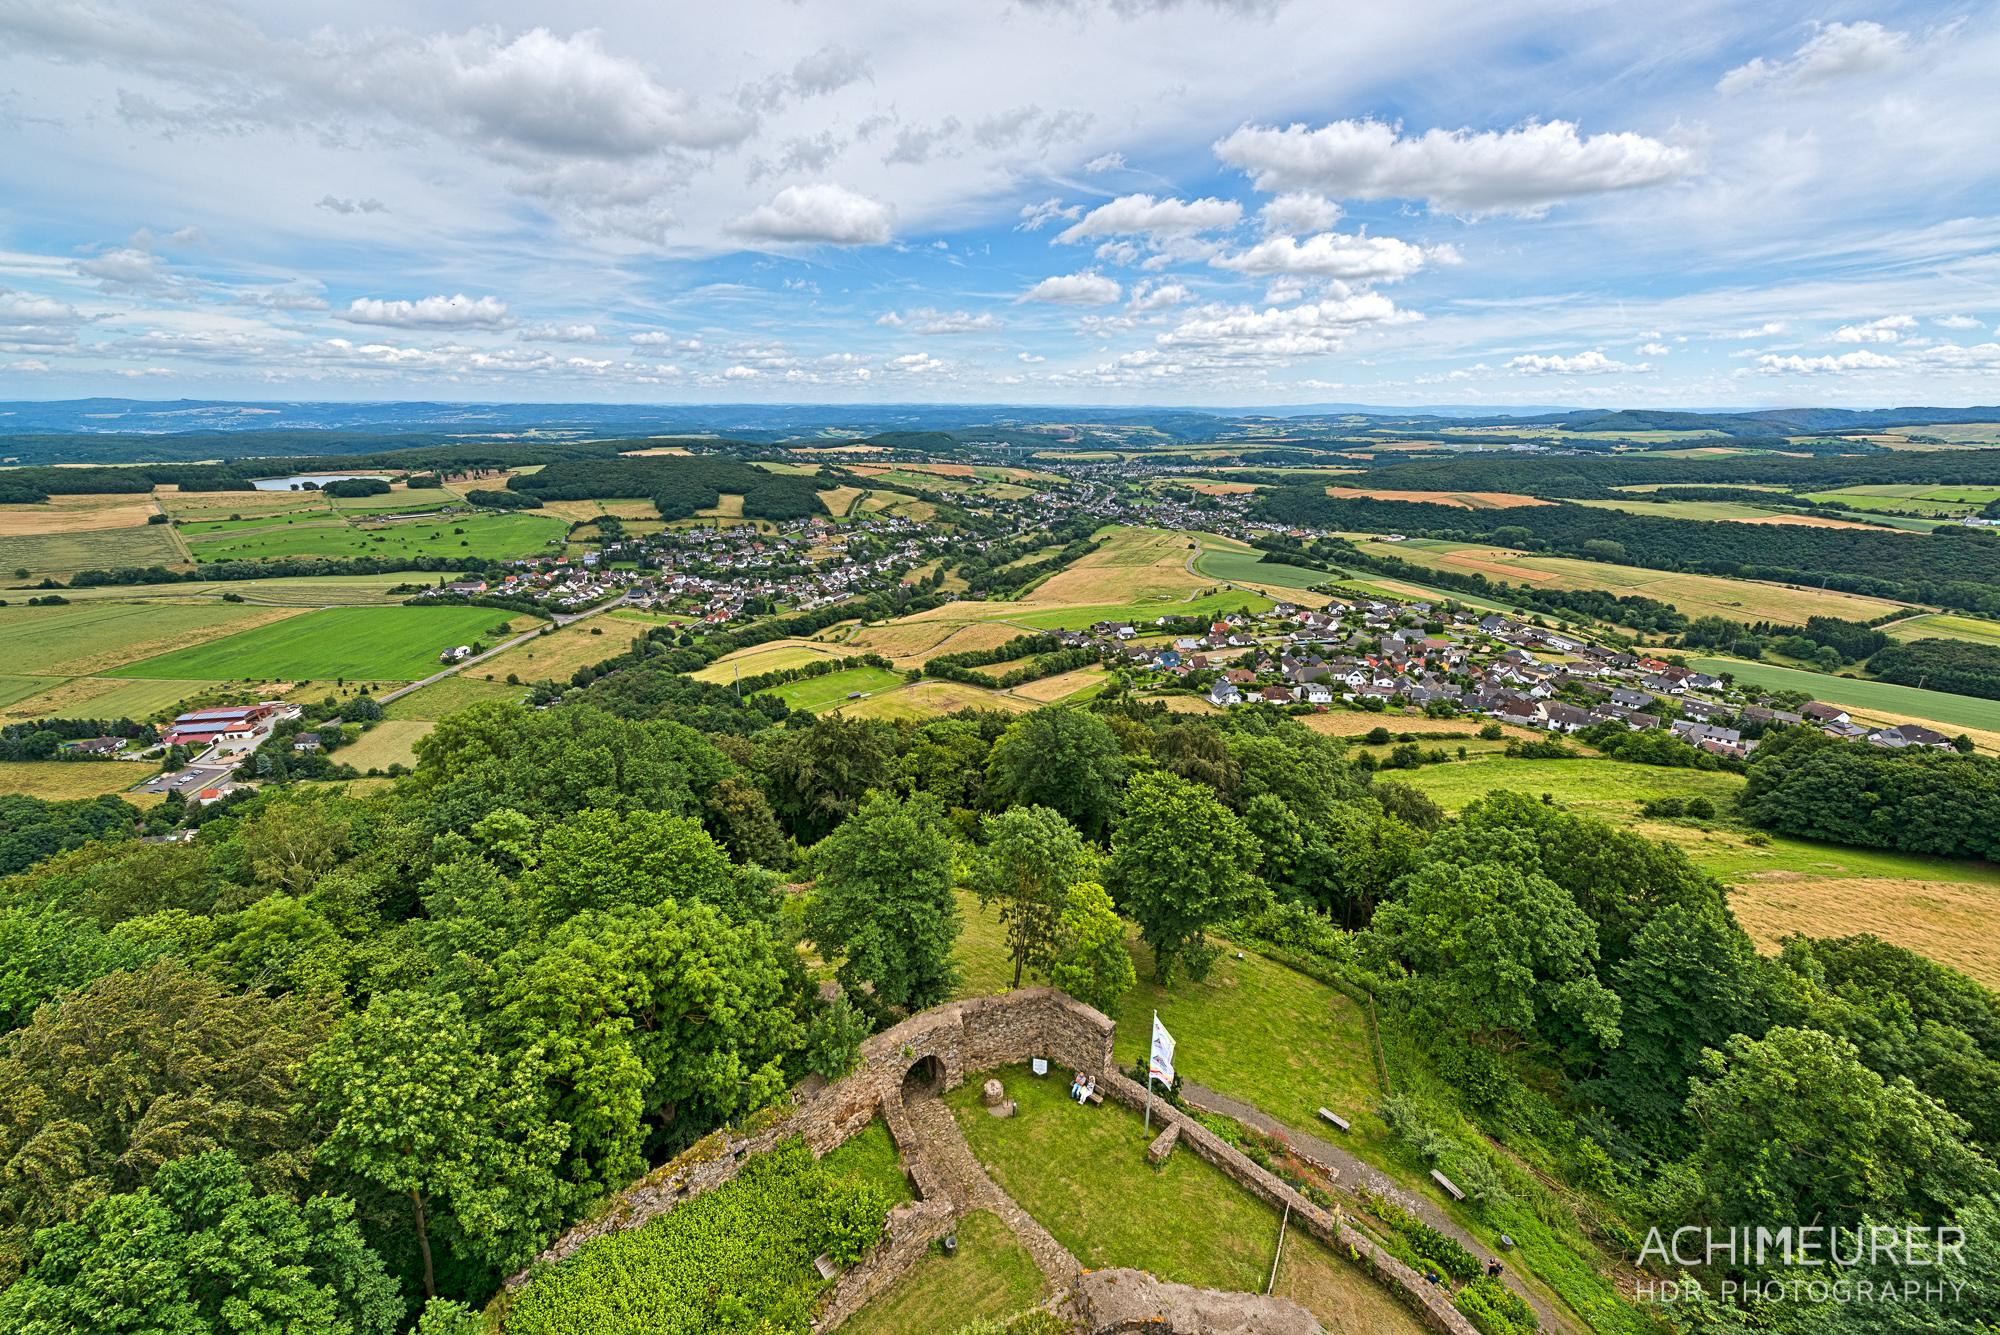 Eifel-Rheinland-Pfalz-Brohltal_5623_22_21_20_19_HDR-Bearbeitet